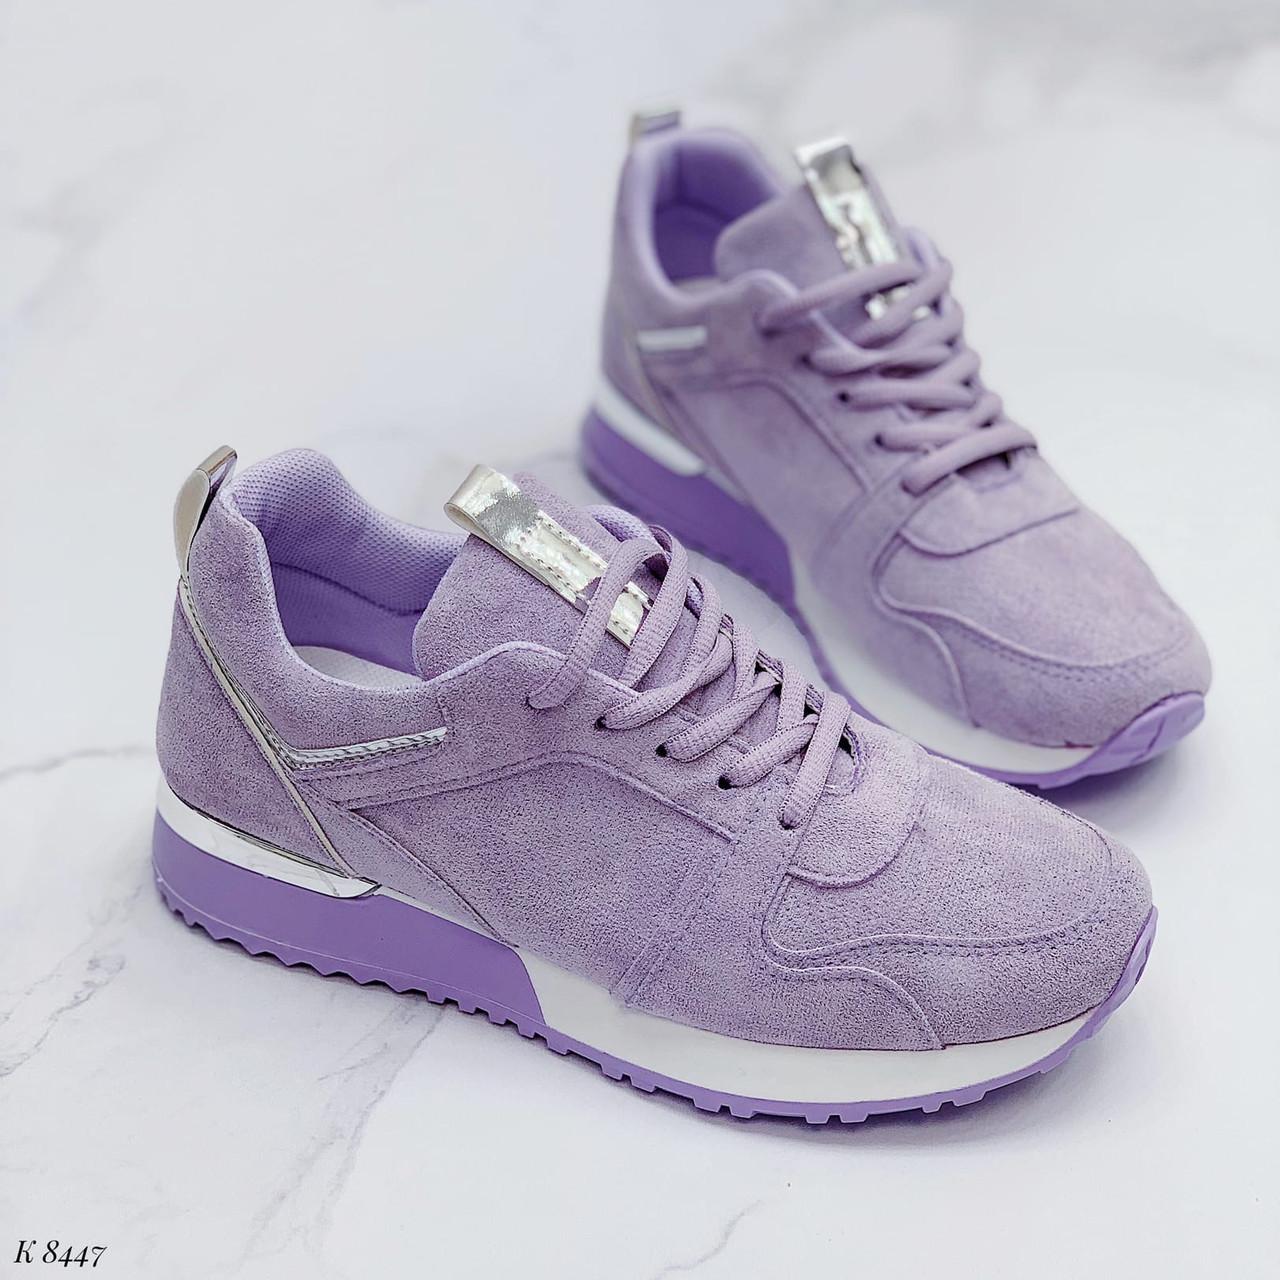 Стильные кроссовки женские фиолетовые эко-замш весна / осень